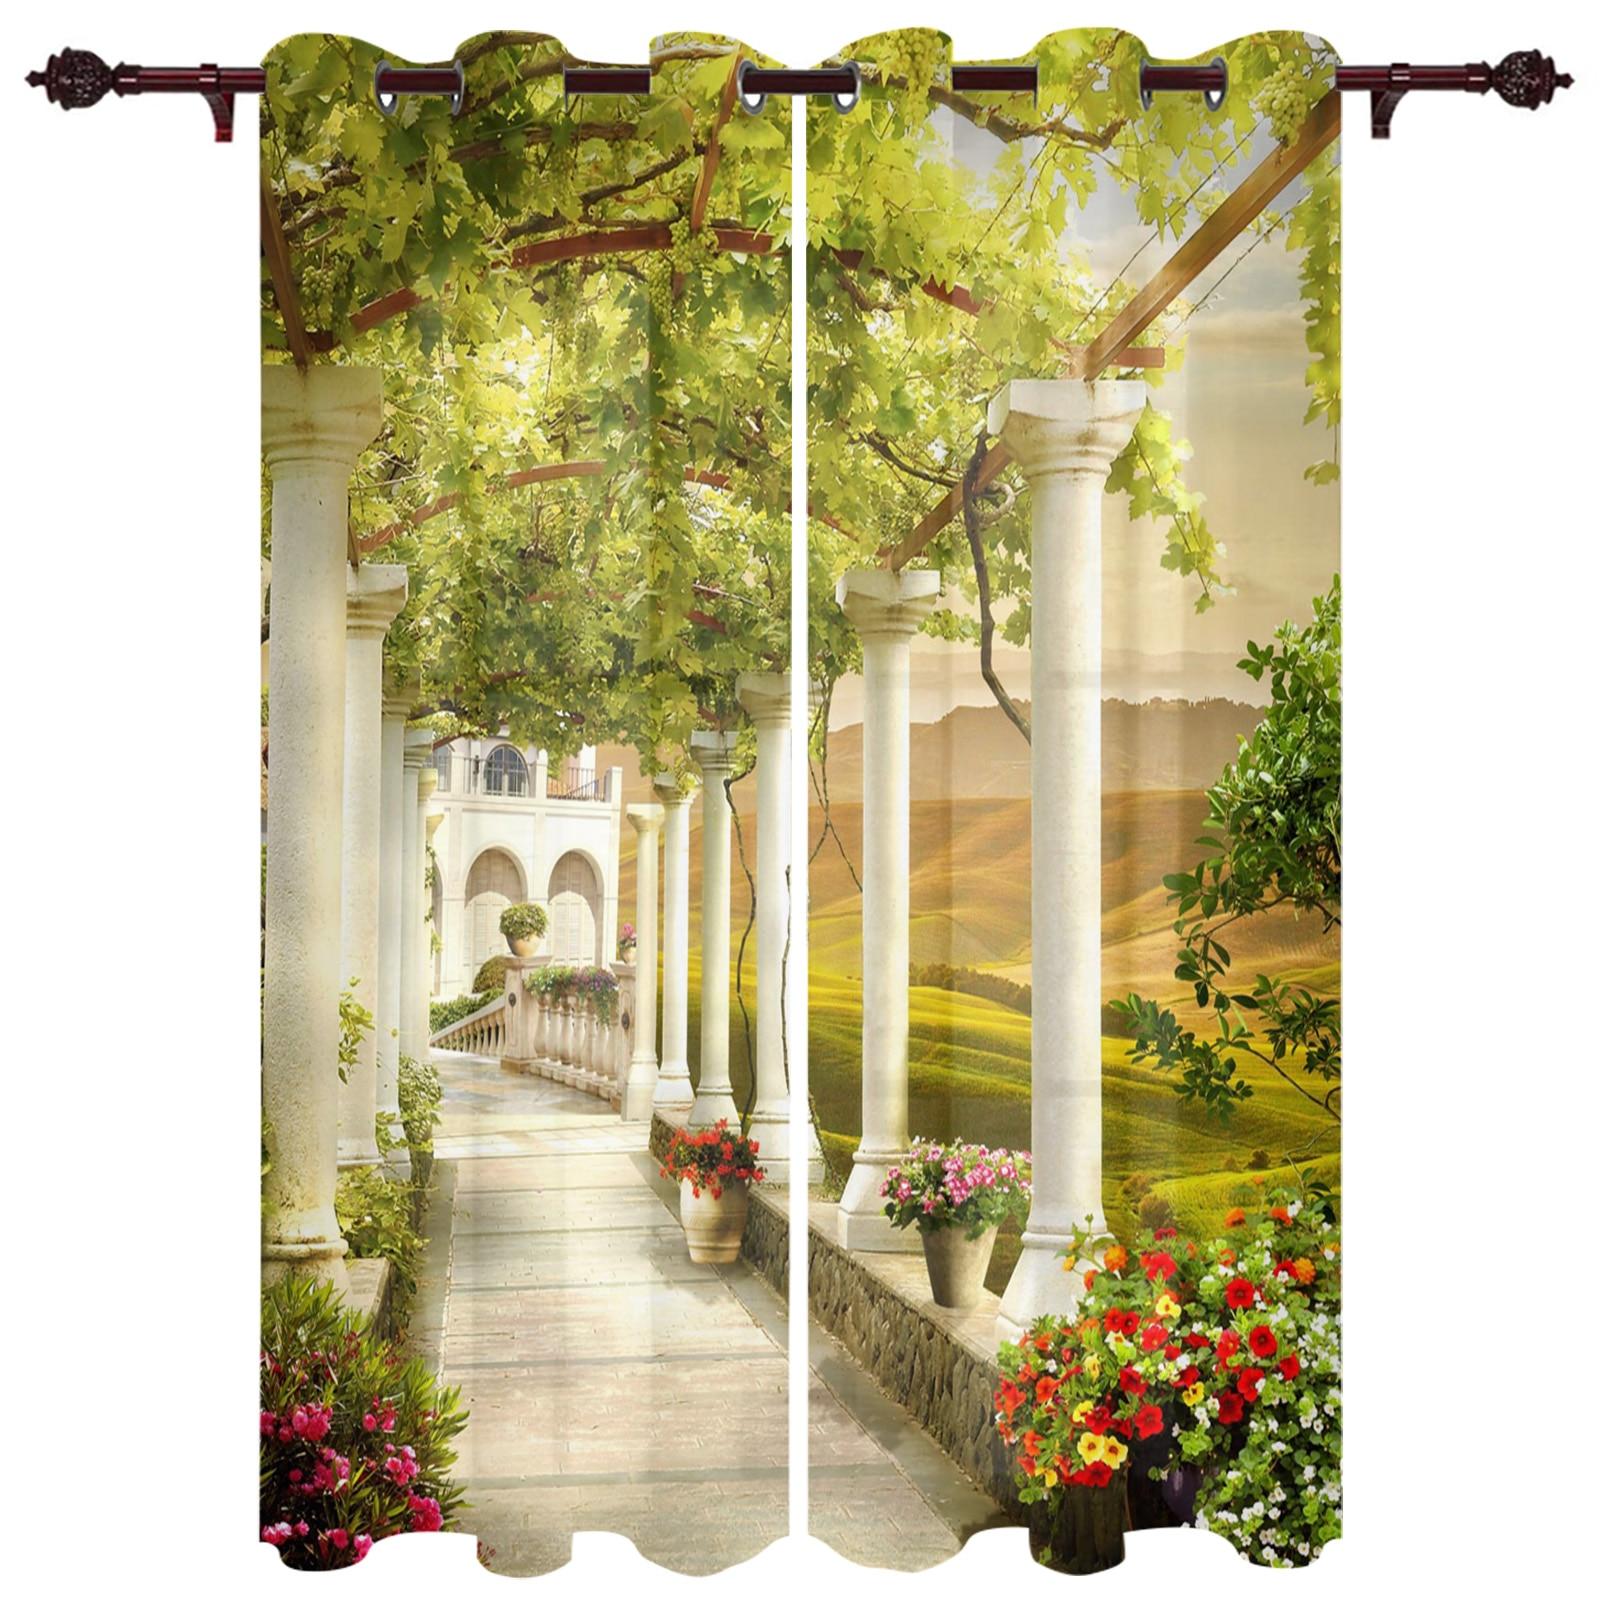 رائعة الستائر الممر الزهور بناء مناسبة لغرفة المعيشة غرفة نوم الستار في الهواء الطلق أكشاك ديكور الستارة الستارة